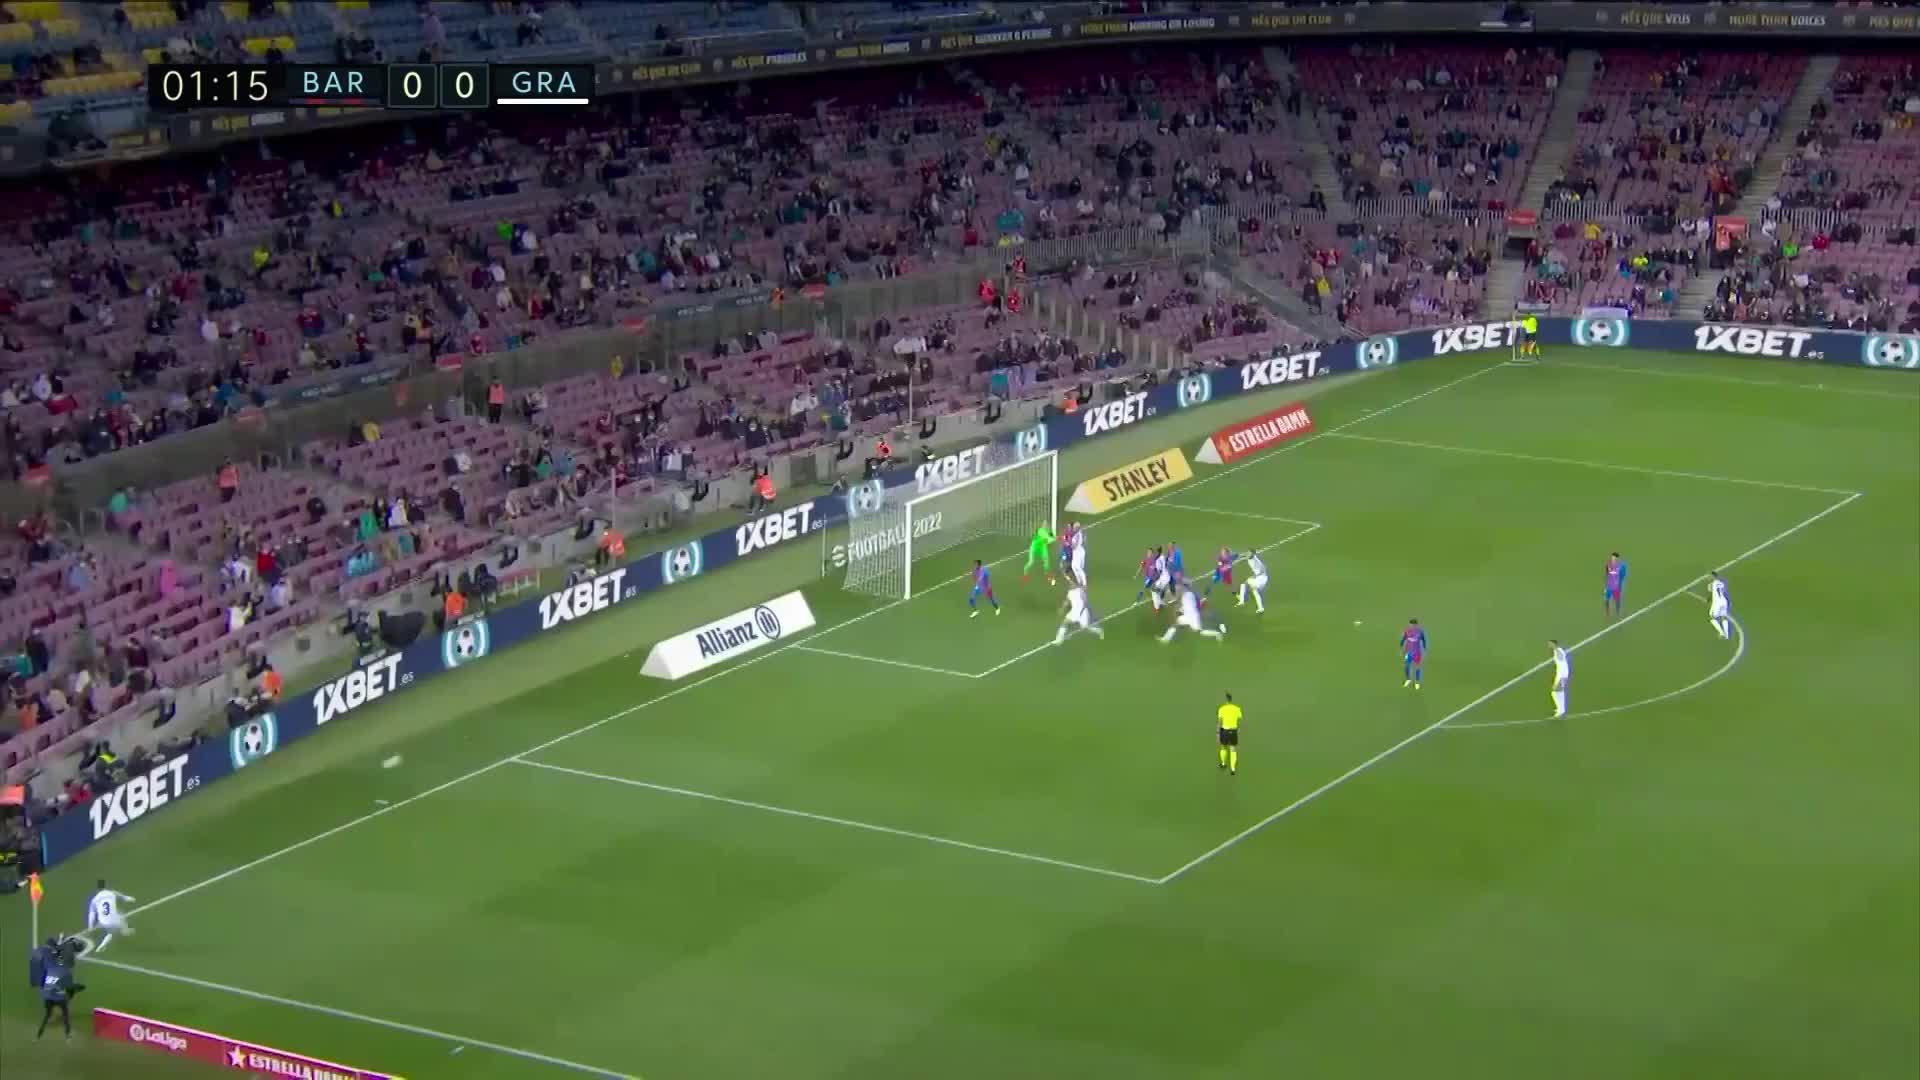 巴萨开场2分钟丢球 多明戈斯-杜阿尔特后点头球破门